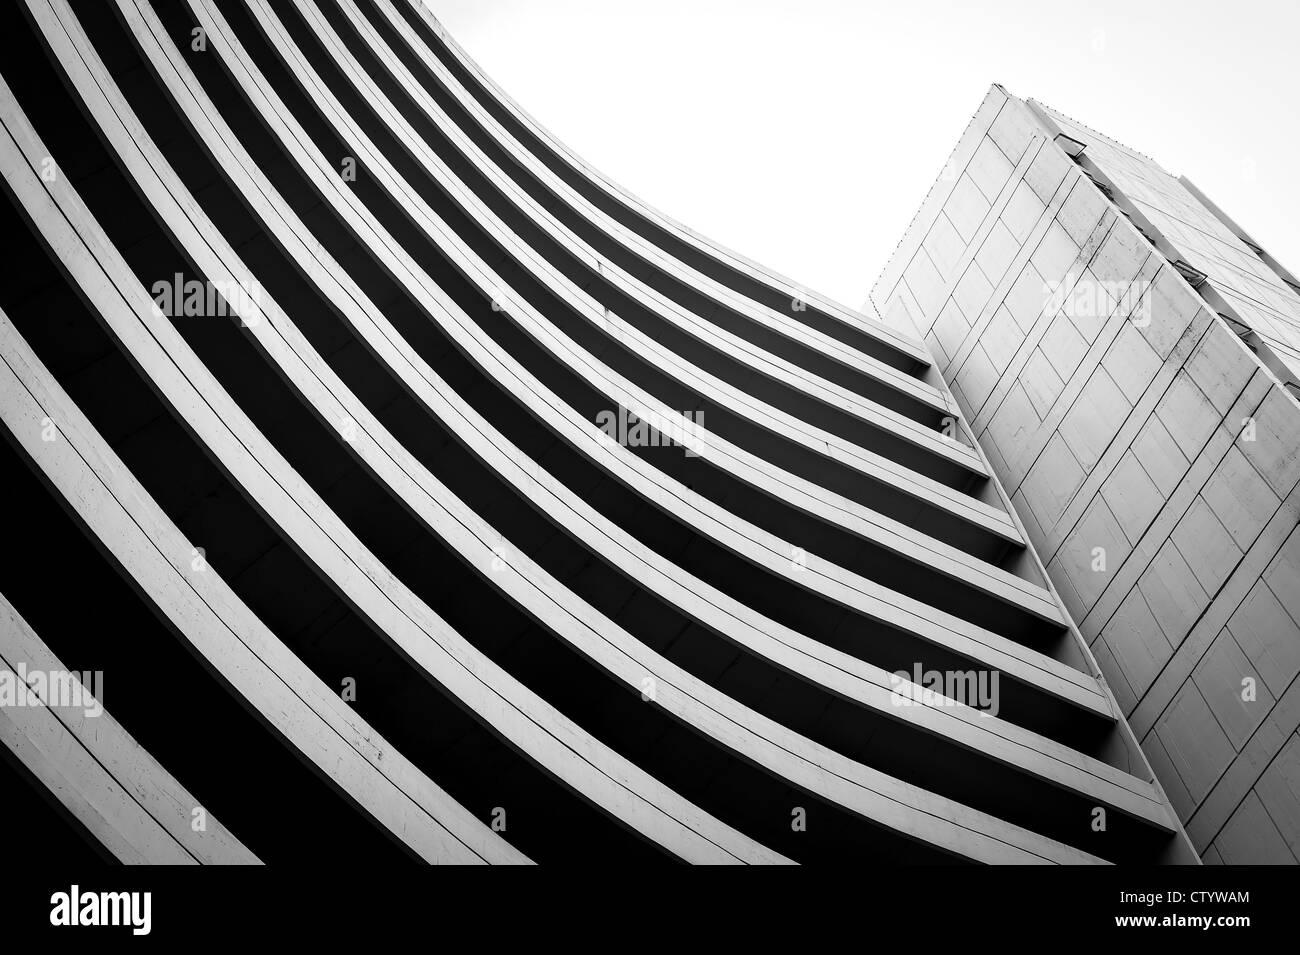 Photographie noir et blanc forme de la courbe de l'ancien bâtiment Photo Stock